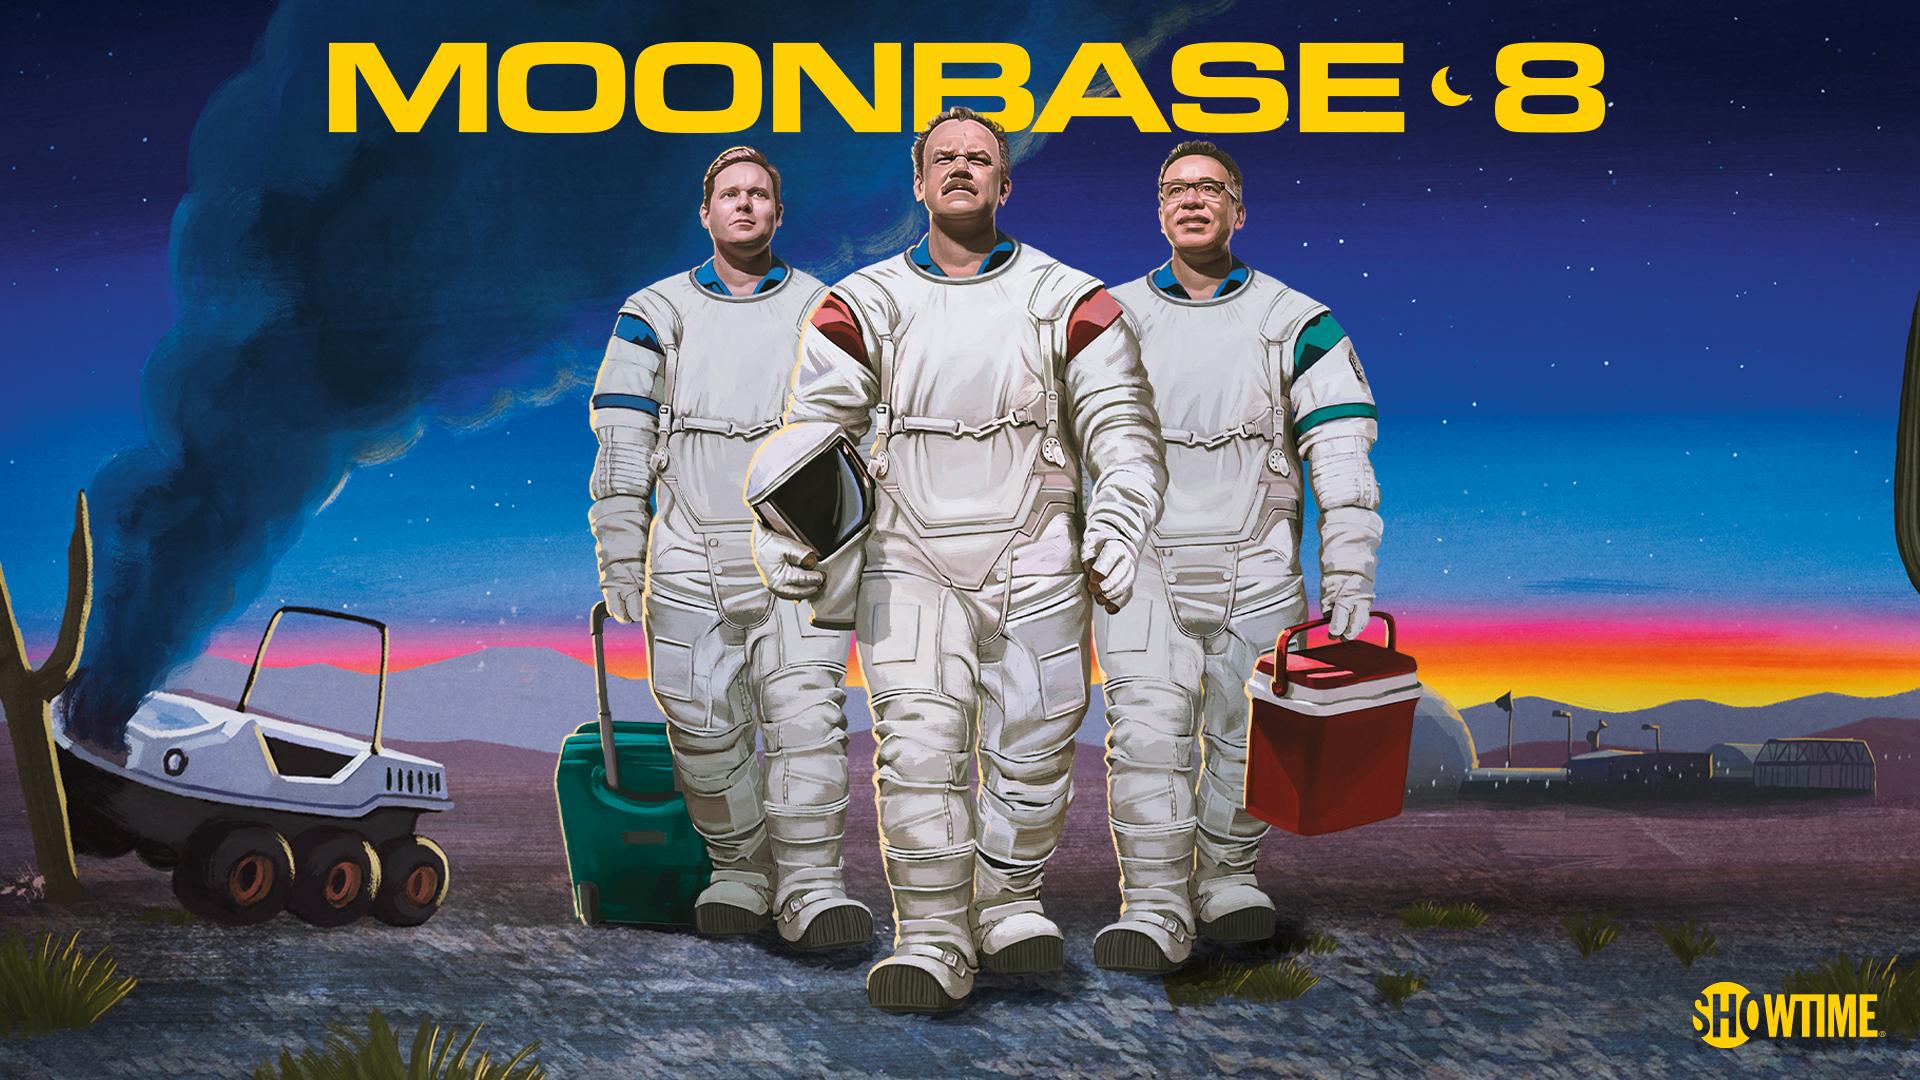 Moonbase 8 Season 1